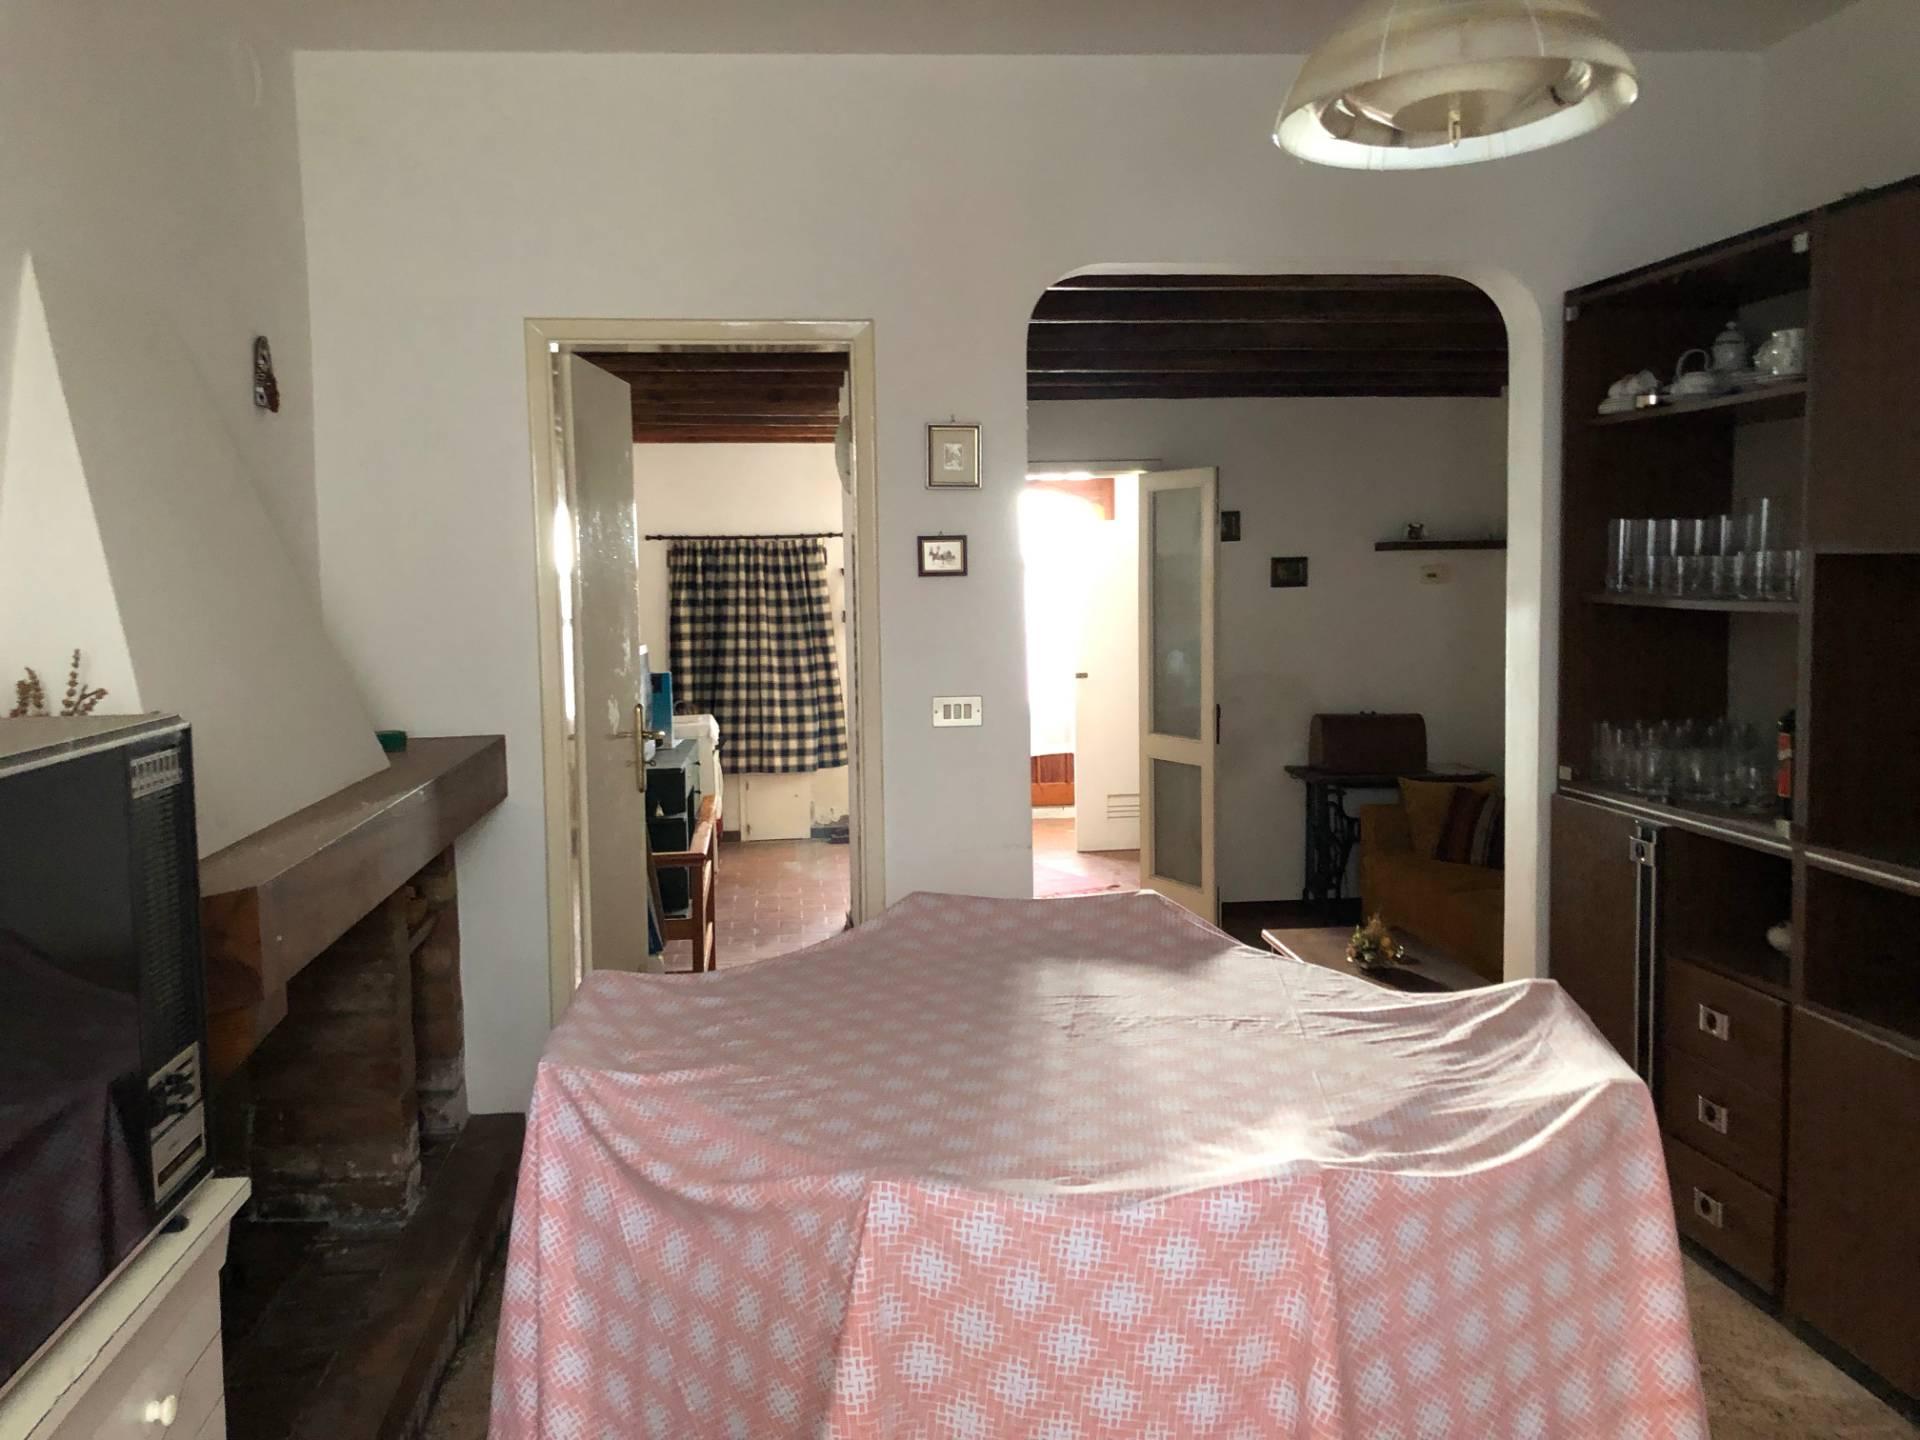 Appartamento in vendita a Servigliano, 3 locali, zona Località: centrostorico-muraquadrilatero, prezzo € 48.000 | CambioCasa.it